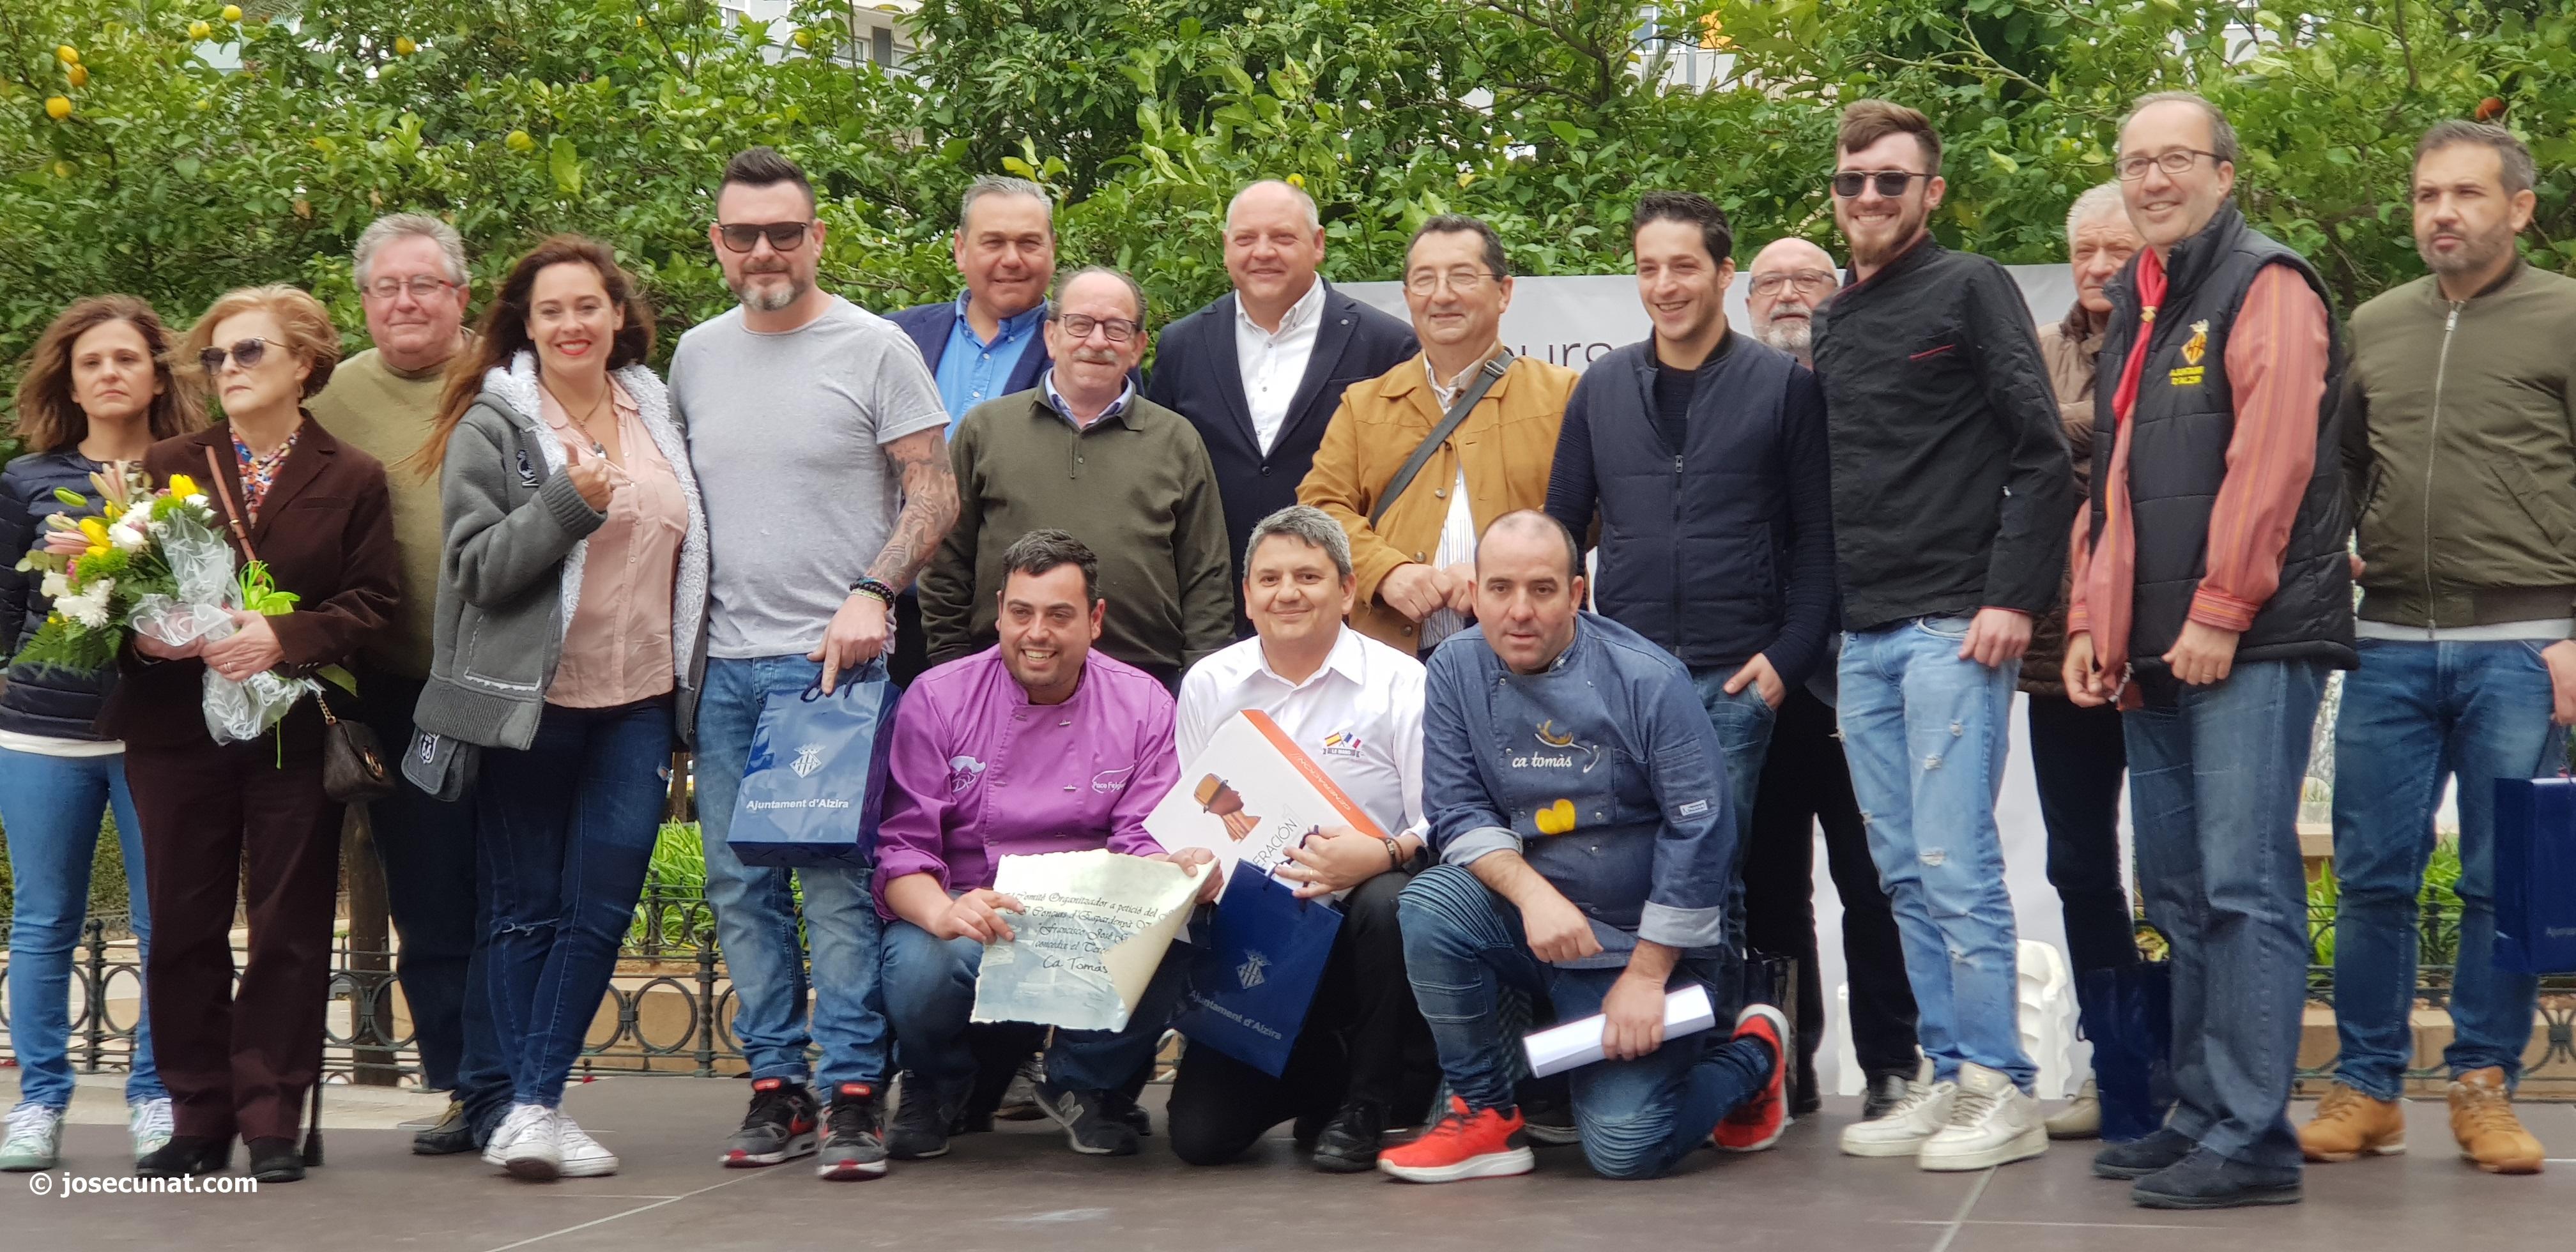 """El premio del II Concurs d'Espardenyà Valenciana"""" de Alzira Francisco José García se queda en la ciudad"""